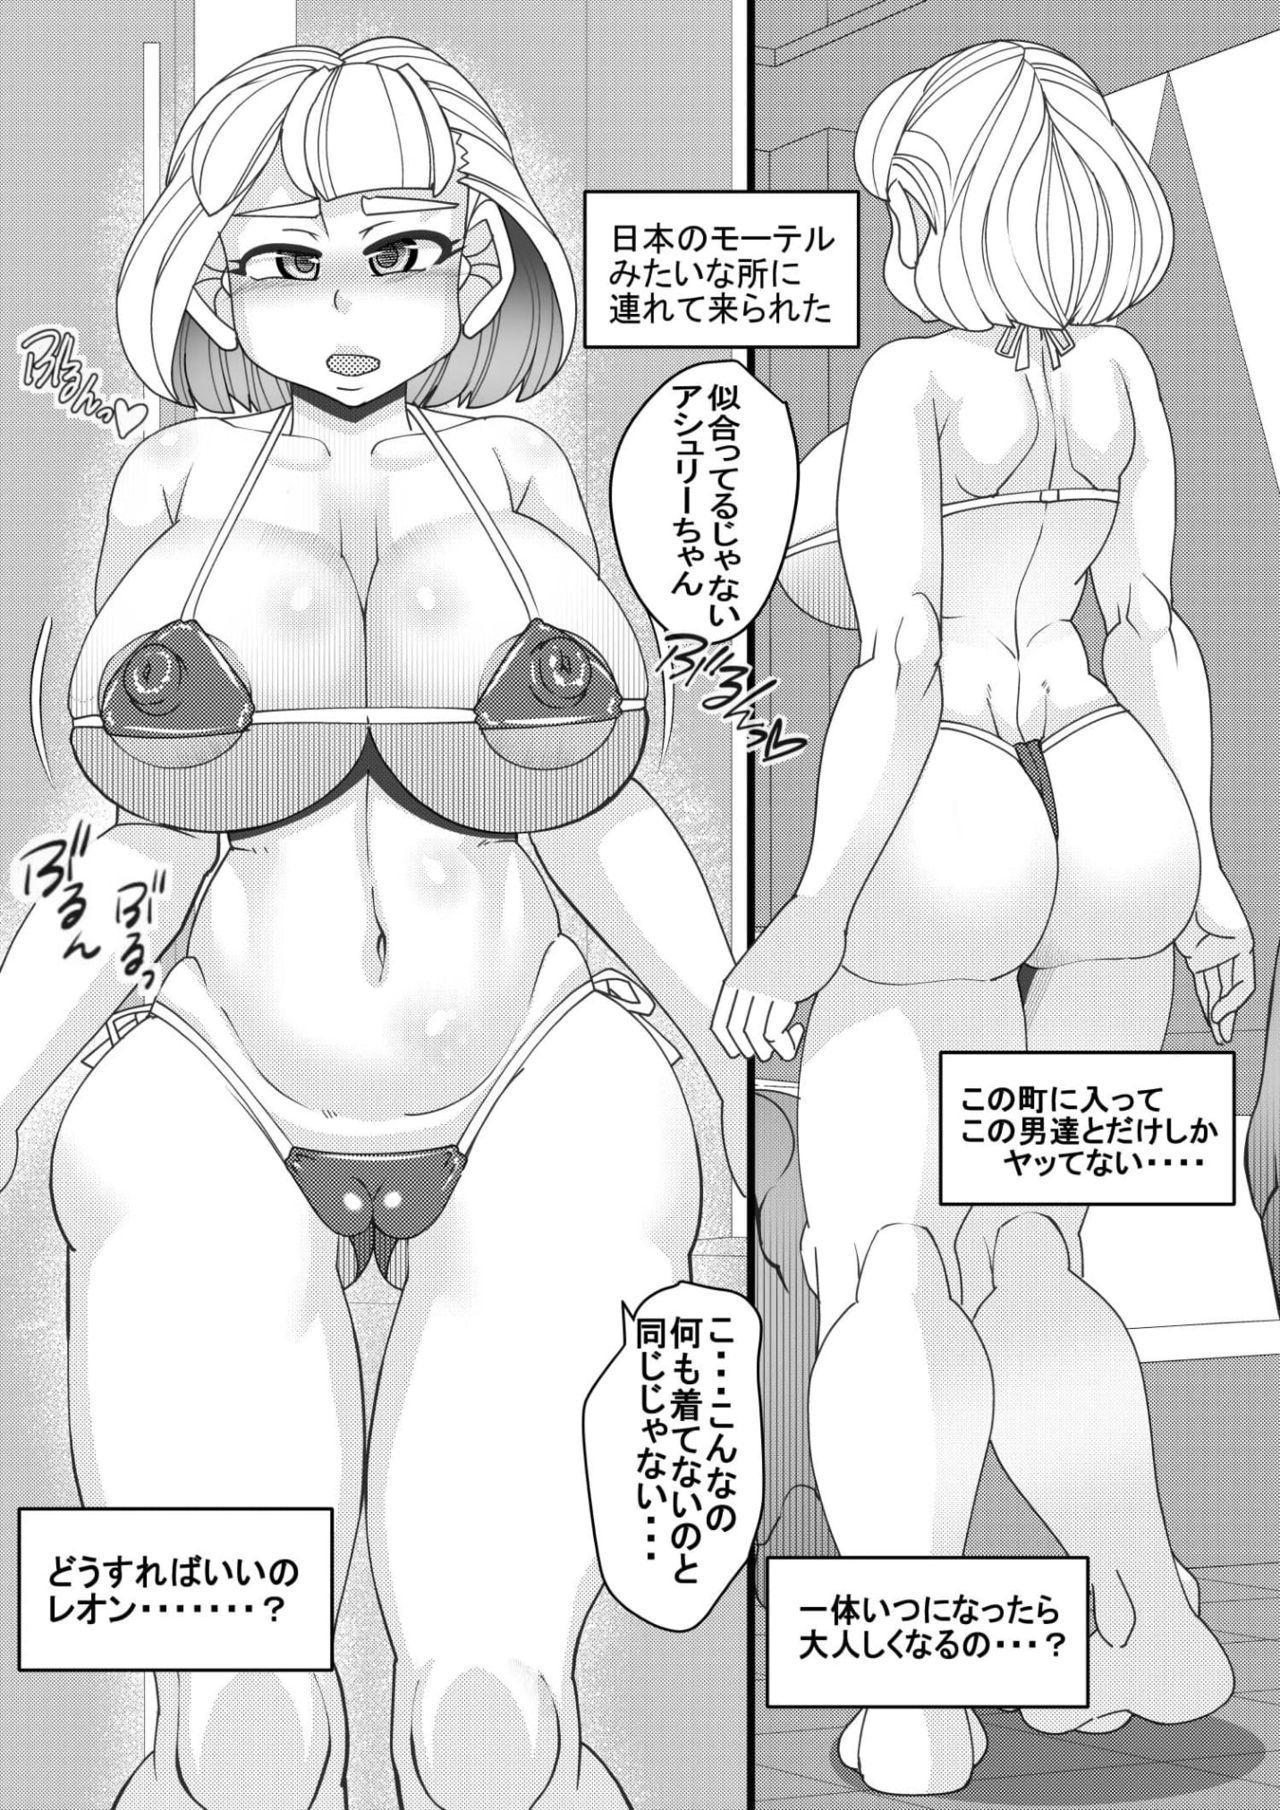 Seisyoku Saigai 5 13